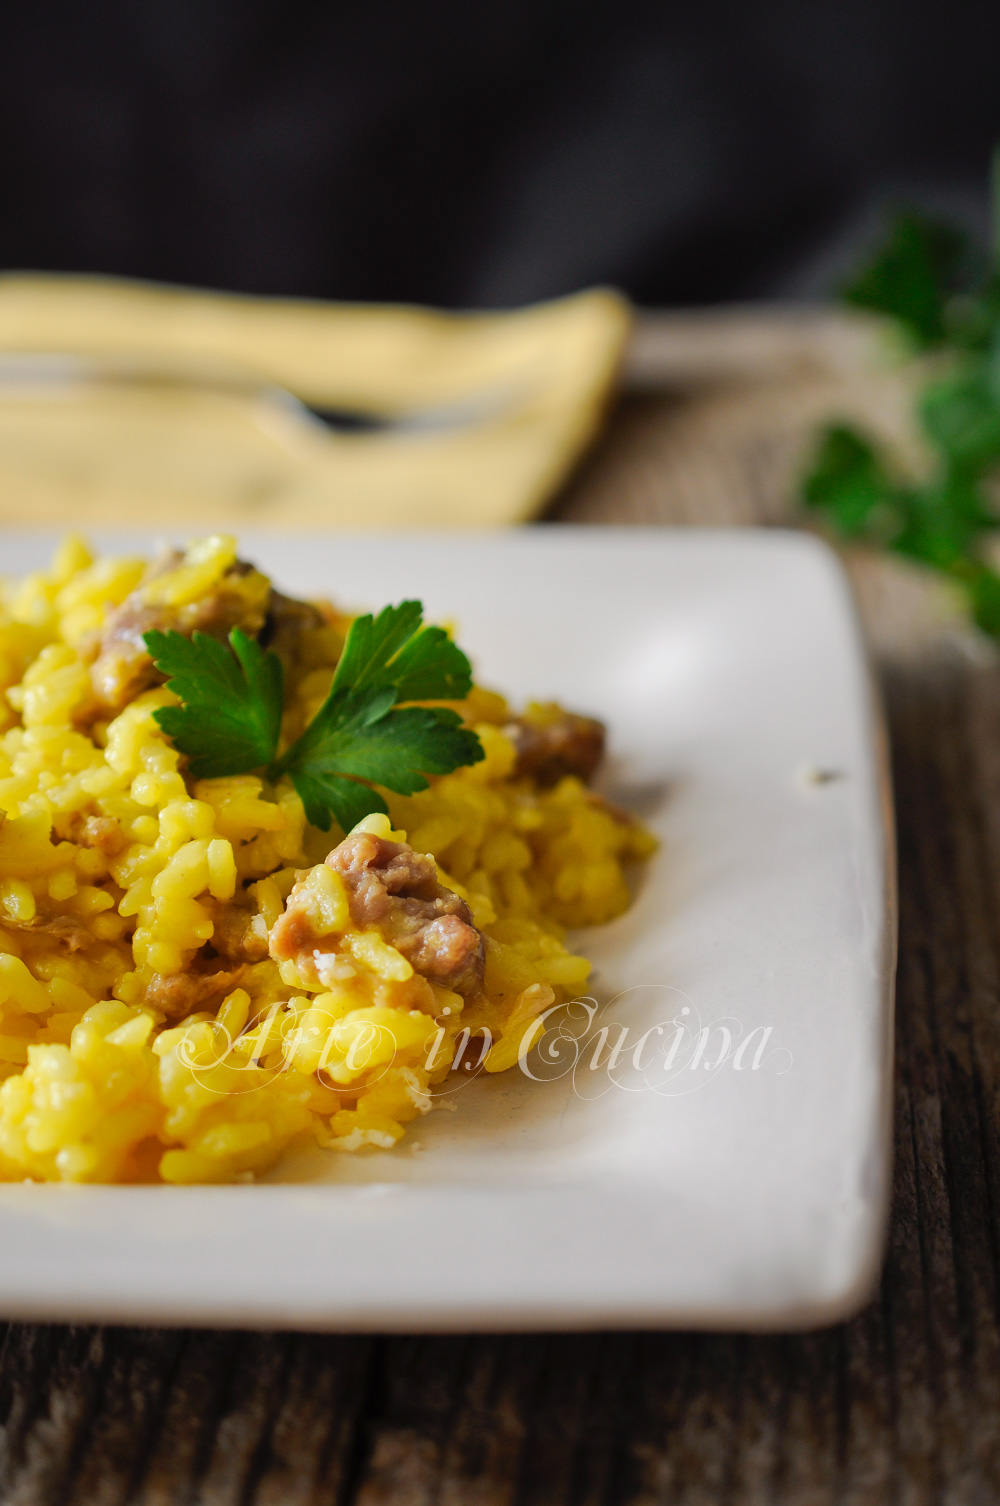 Risotto allo zafferano e salsiccia ricetta facile vickyart arte in cucina